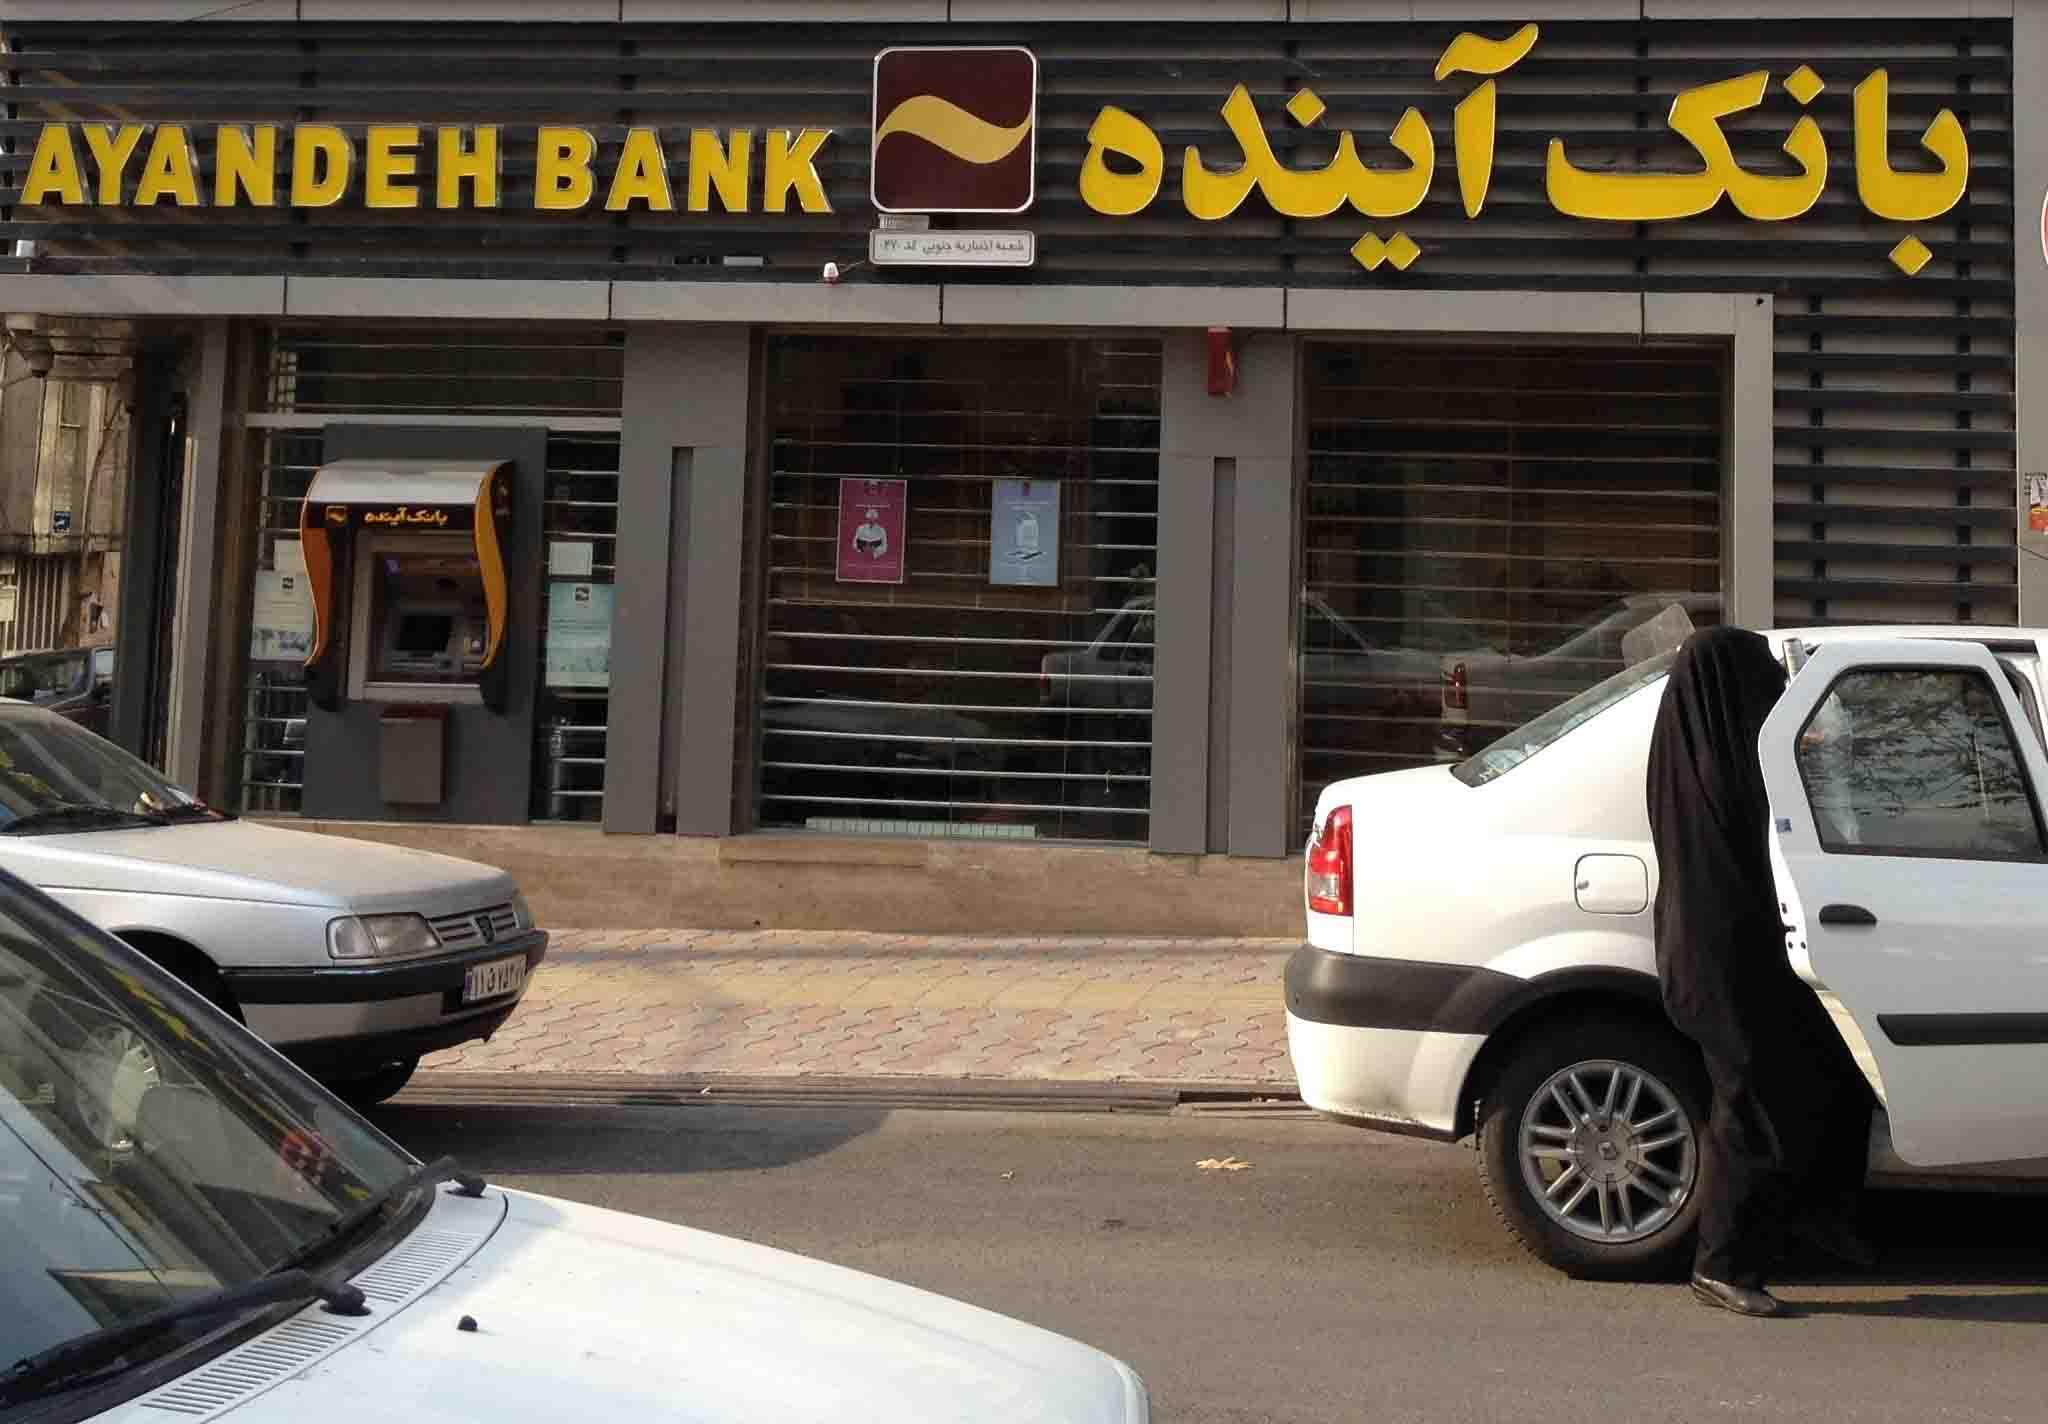 عکس پروفایل شعب بانک ها بانک آینده شعبه اختیاریه جنوبی کد 0270